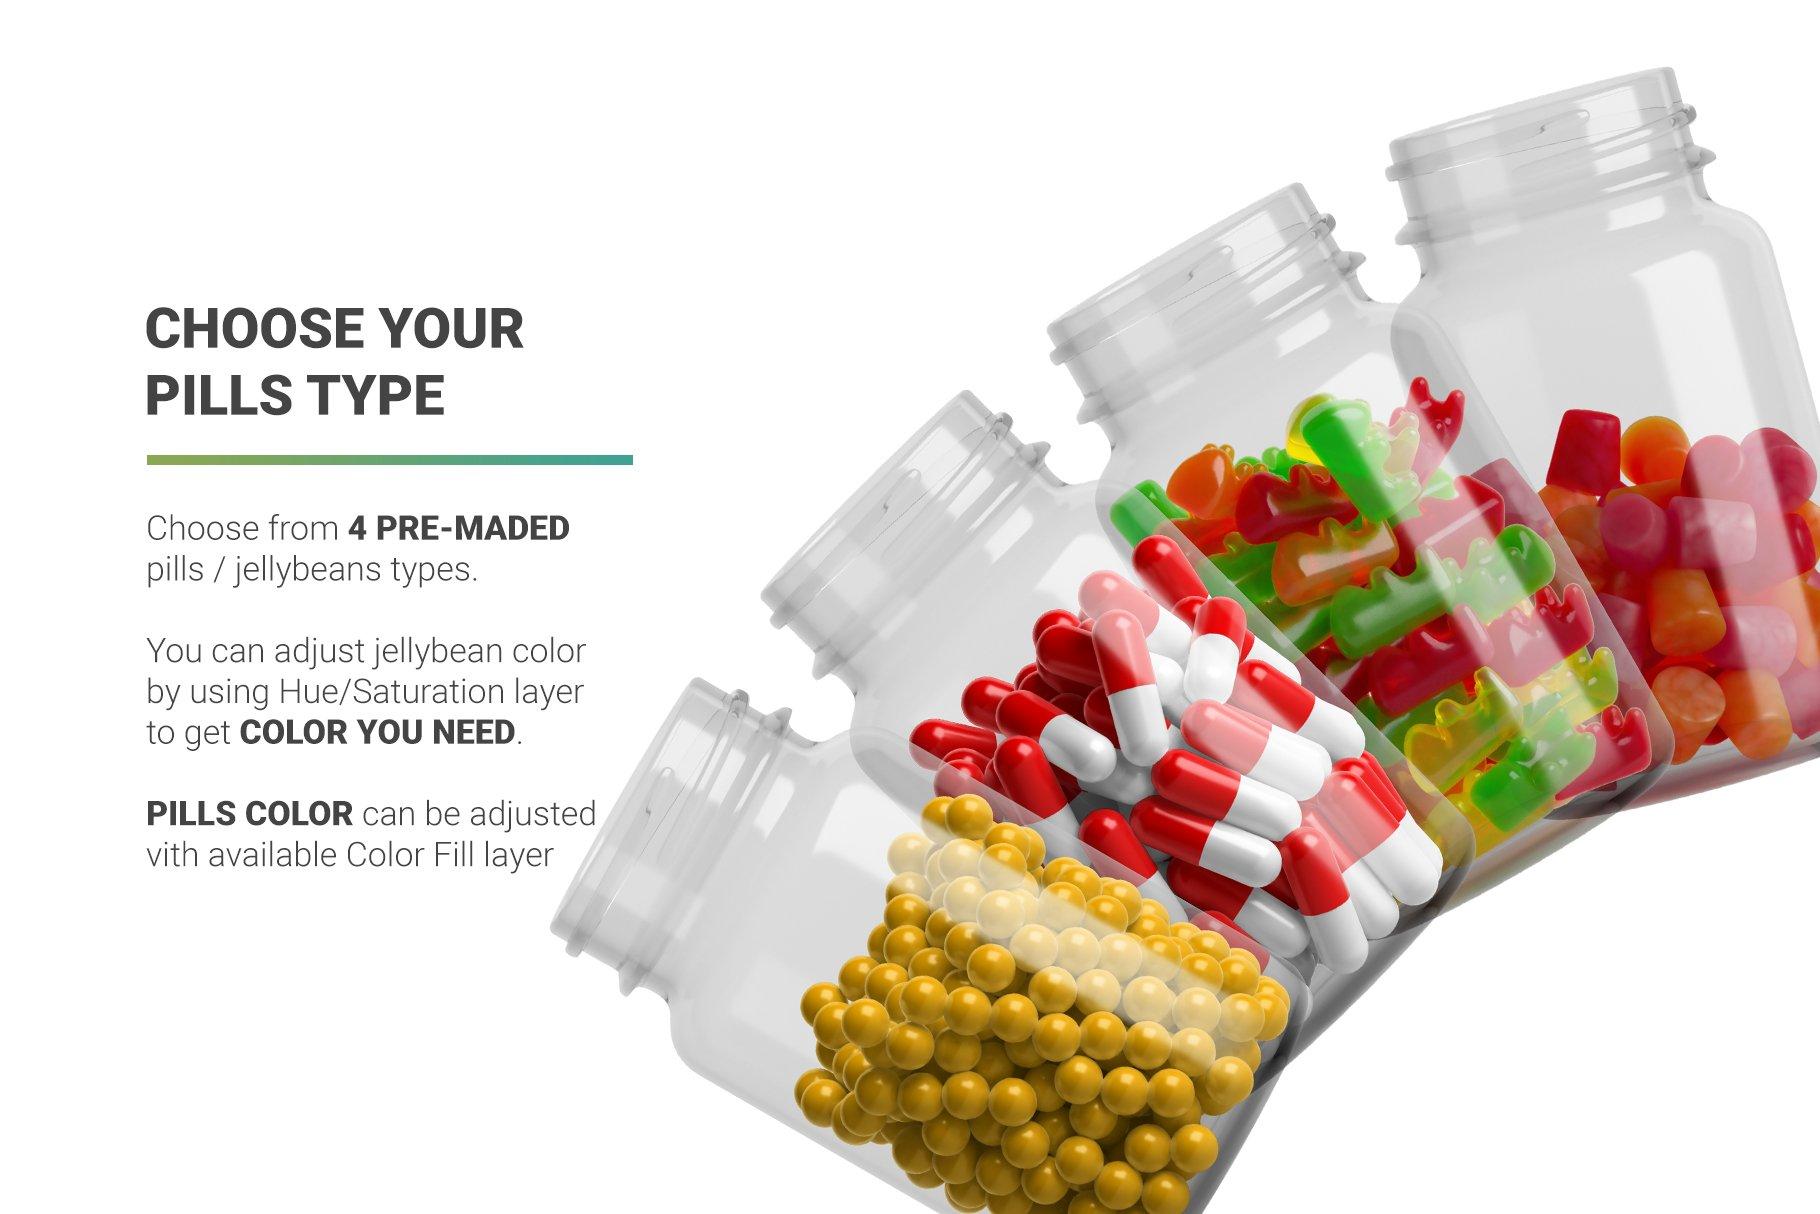 温馨提示空模板大图_软糖药丸维生素塑料瓶设计样机模板 Vitamins Bottle Mockup - 早道大咖